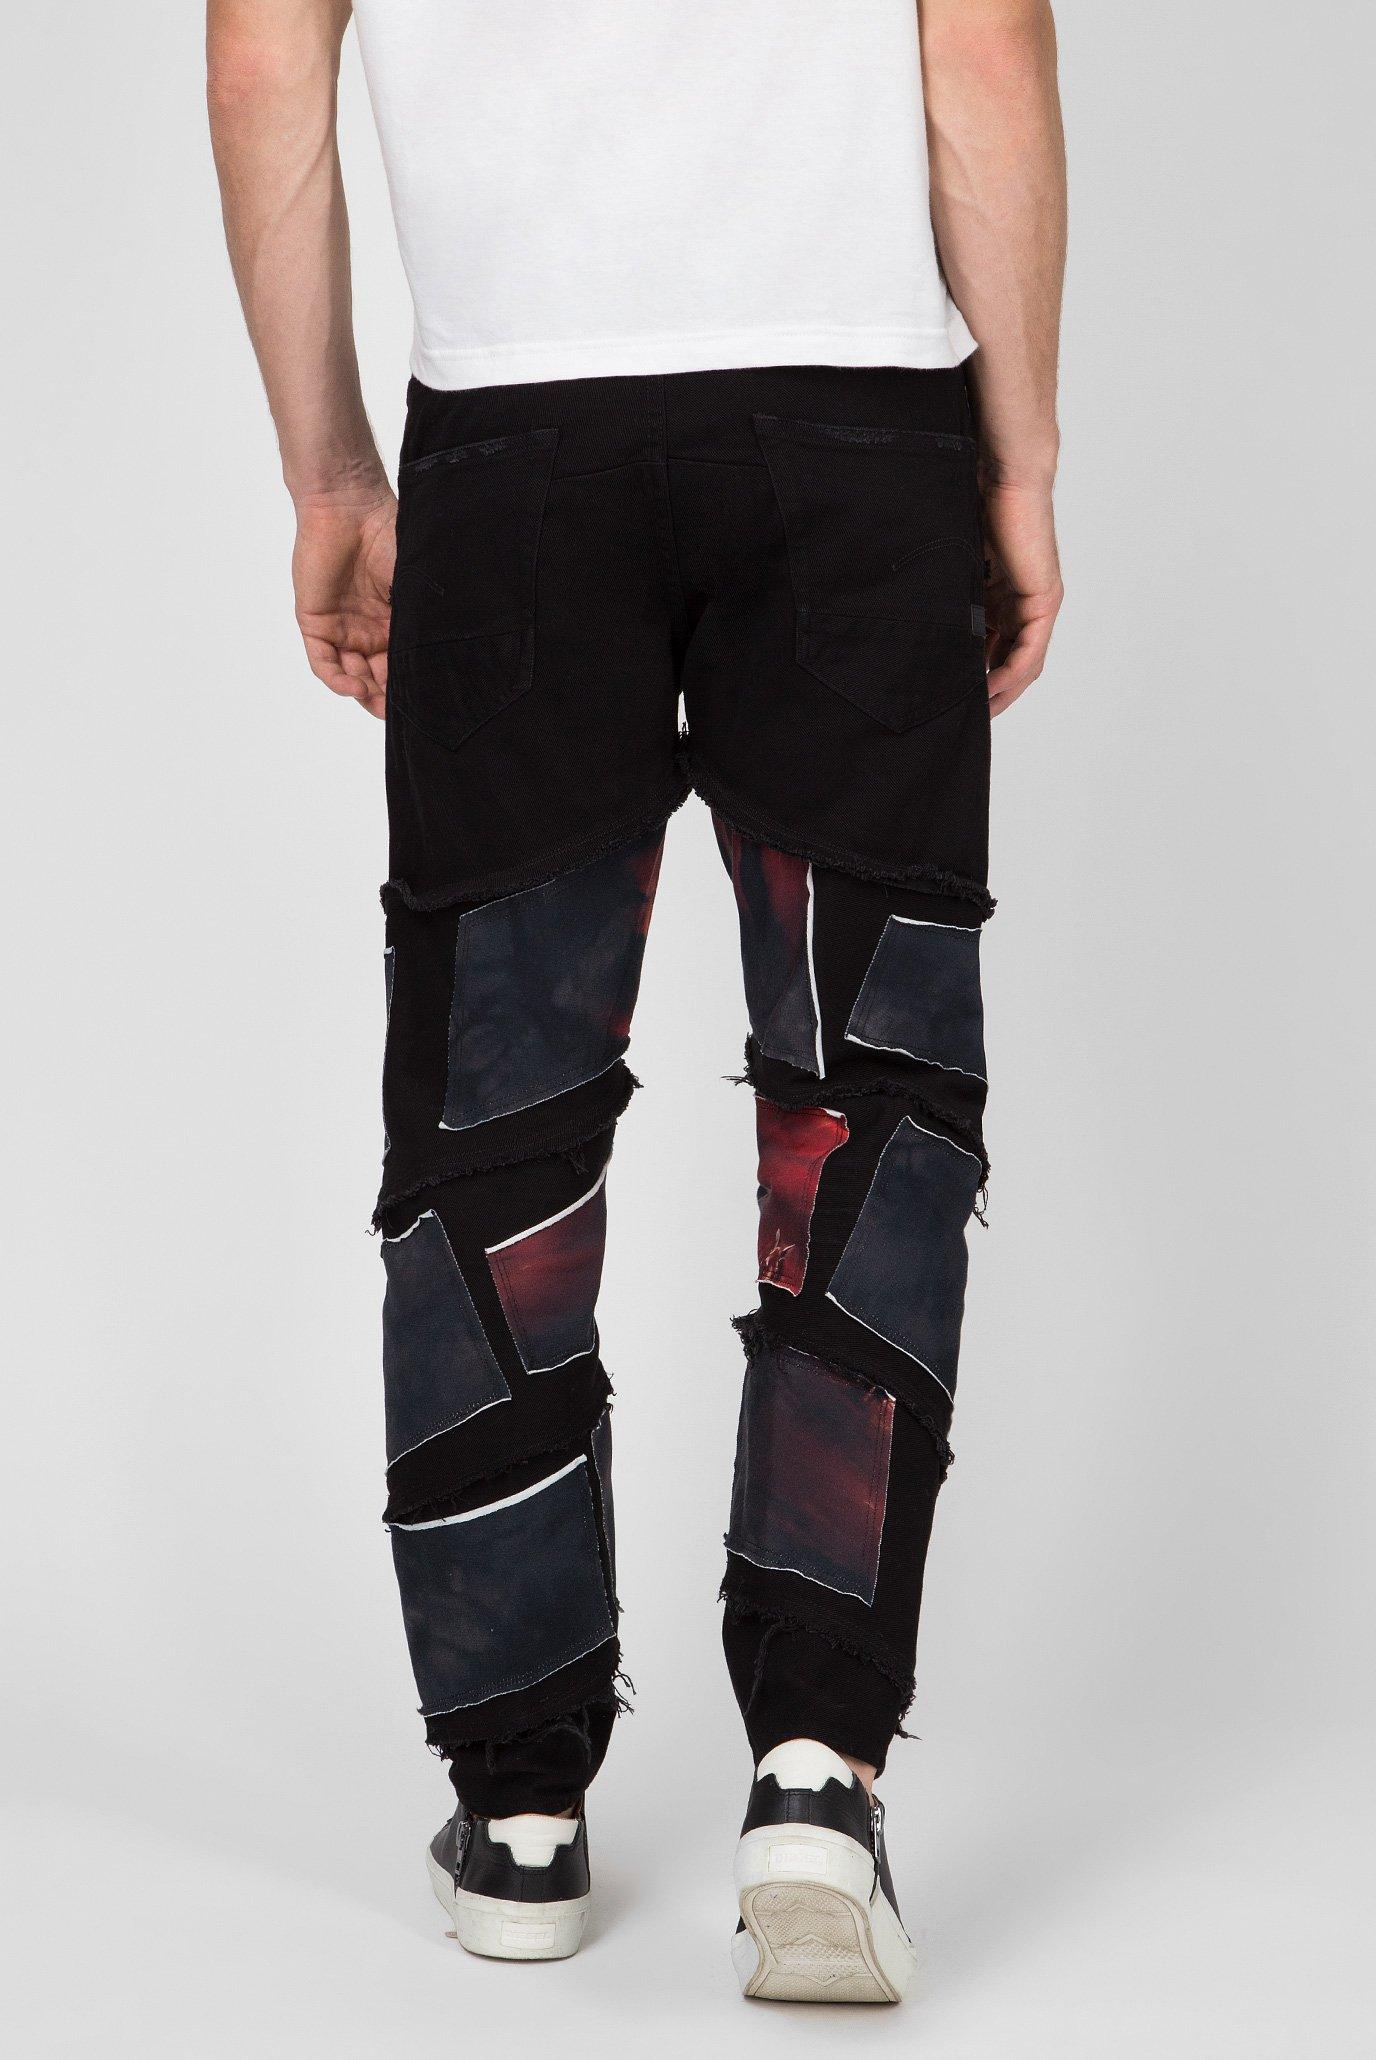 Купить Мужские черные джинсы Spiraq RFTP patches eclips 3D G-Star RAW G-Star RAW D12134,A926 – Киев, Украина. Цены в интернет магазине MD Fashion